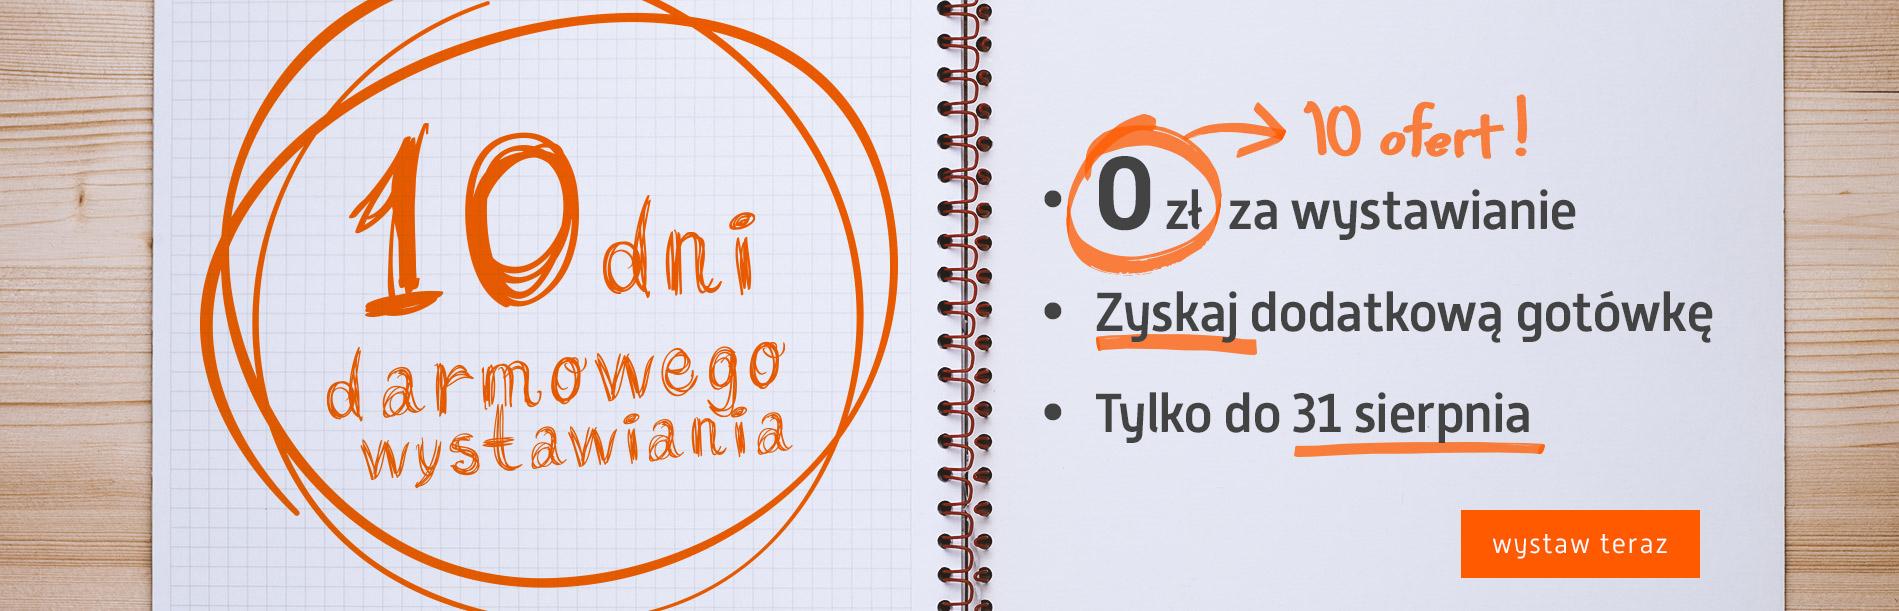 Darmowe wystawianie (10 przedmiotów) do 31 sierpnia @ Allegro